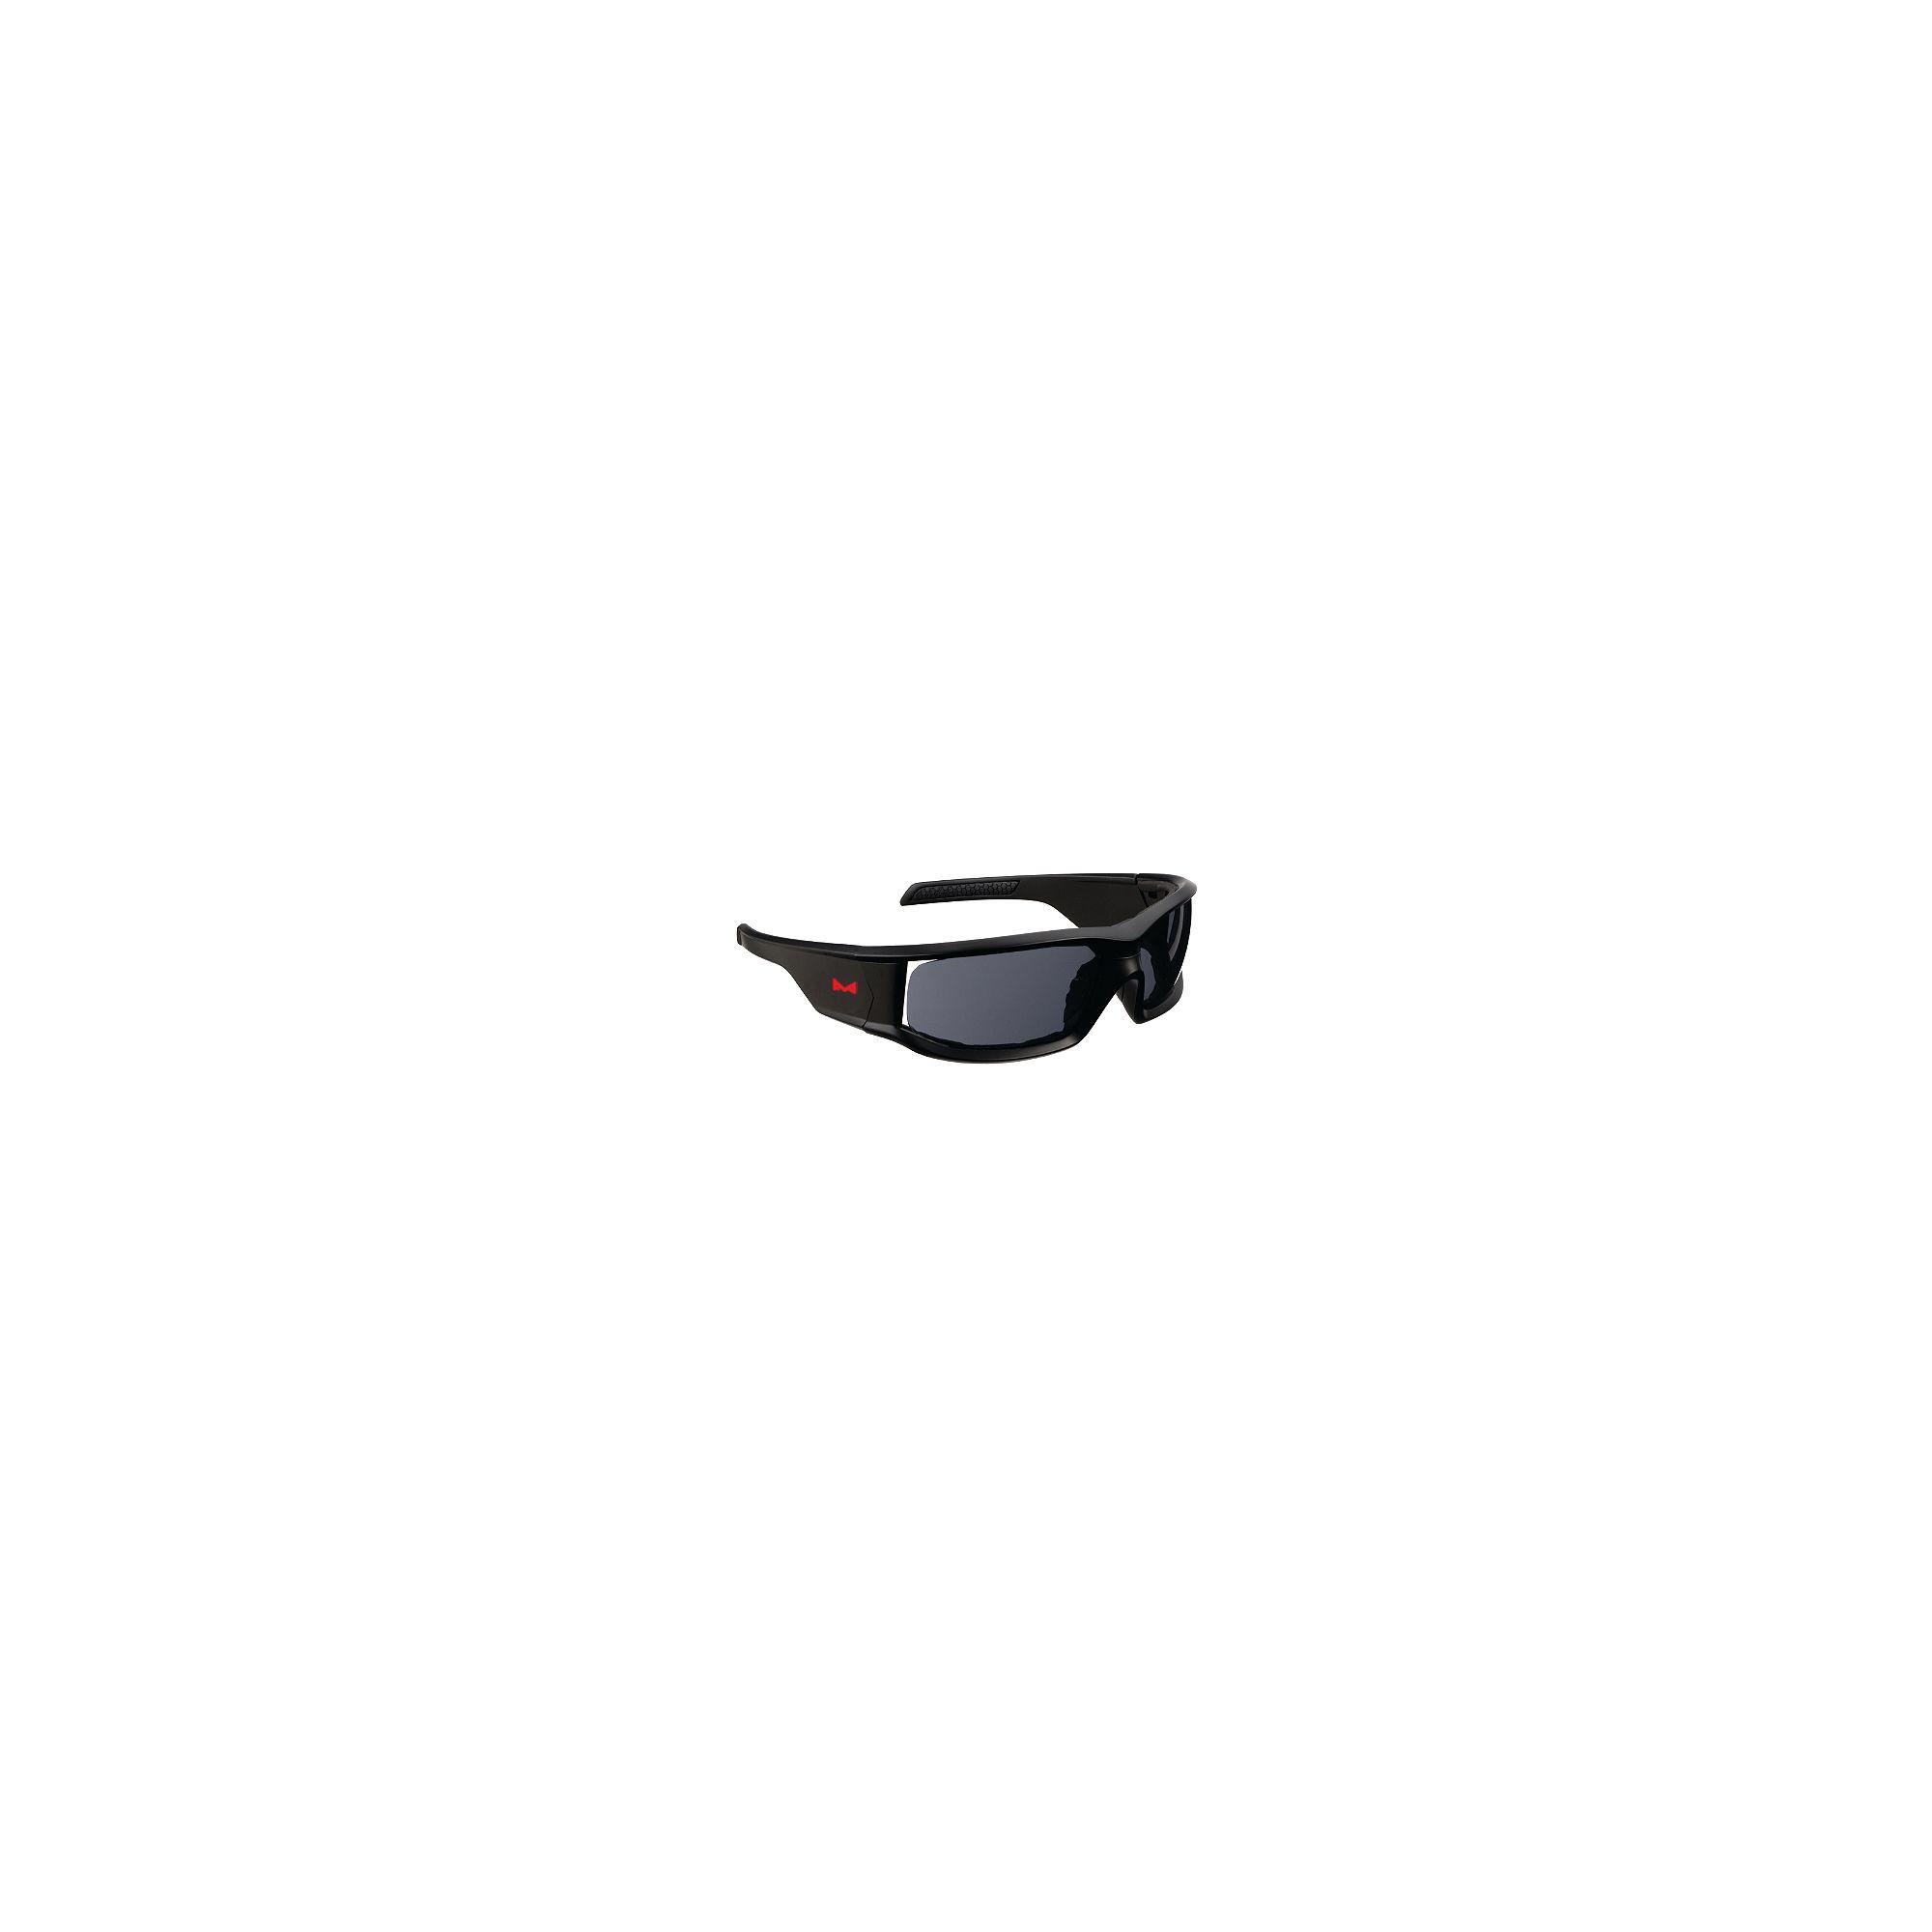 Full-Frame Motorcyle Sunglasses   Coleman